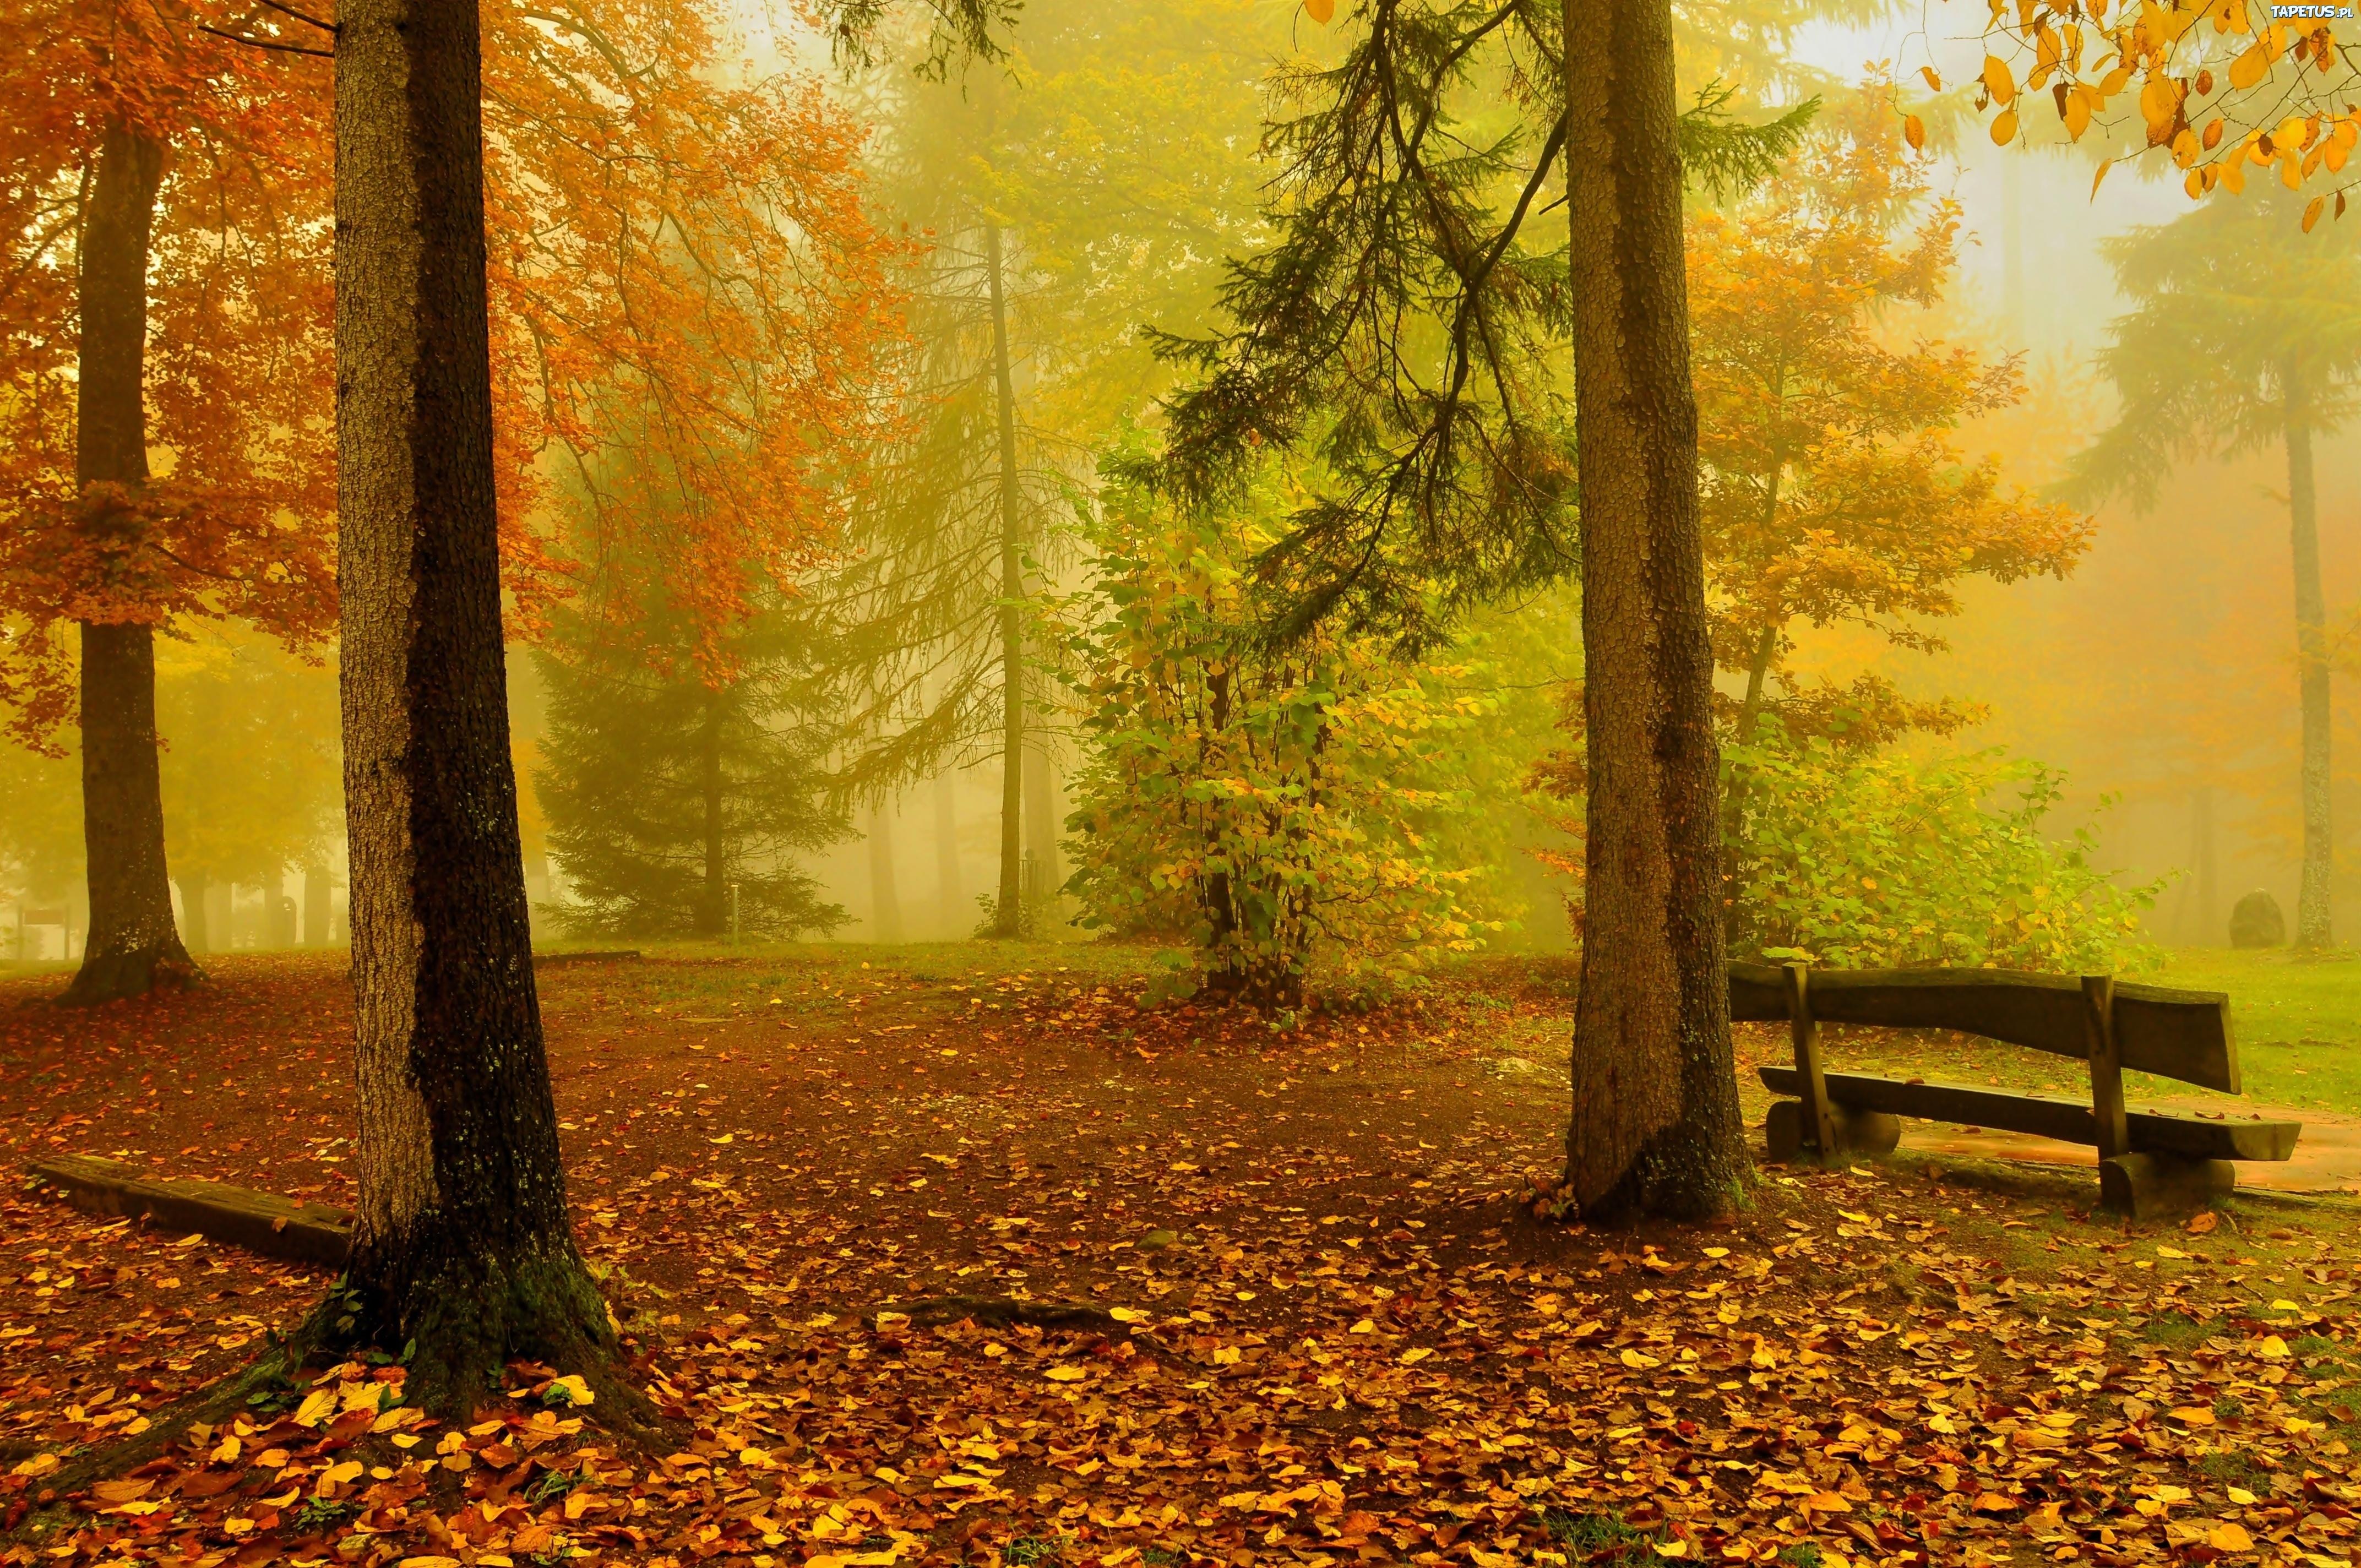 Лавочки лес деревья бесплатно